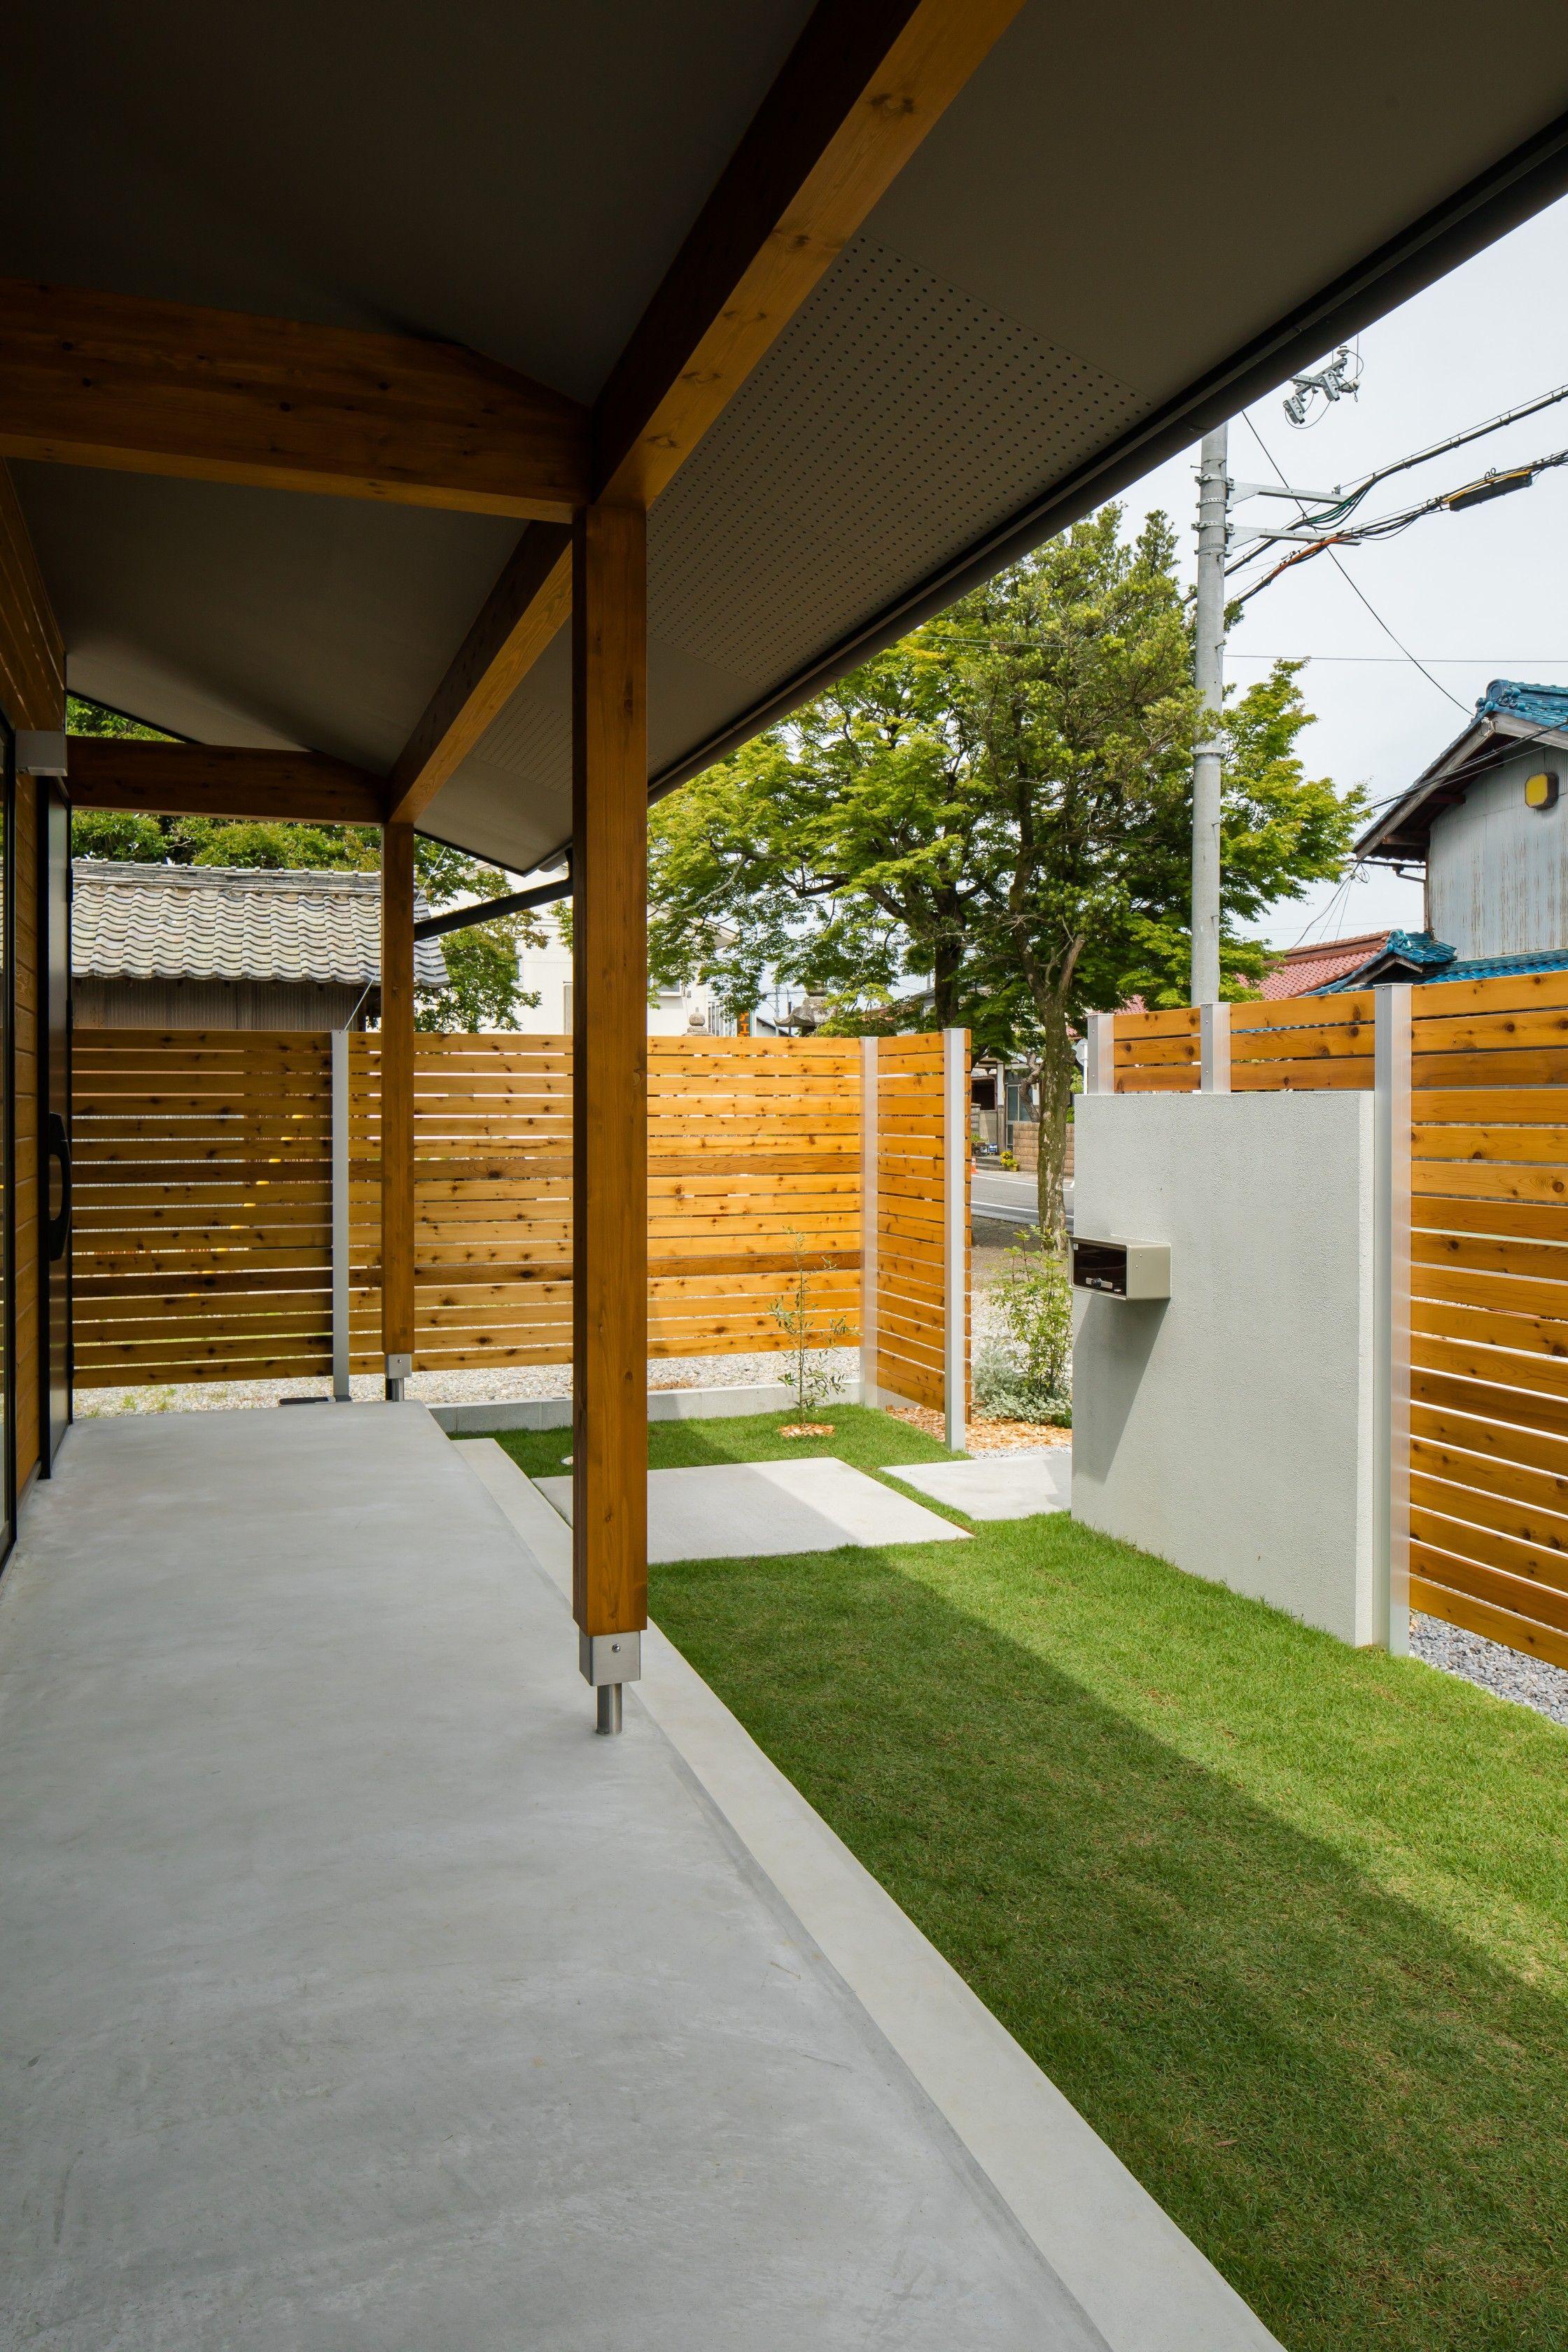 Diyされた板塀の奥に広がる 緑がまぶしいプライベート空間